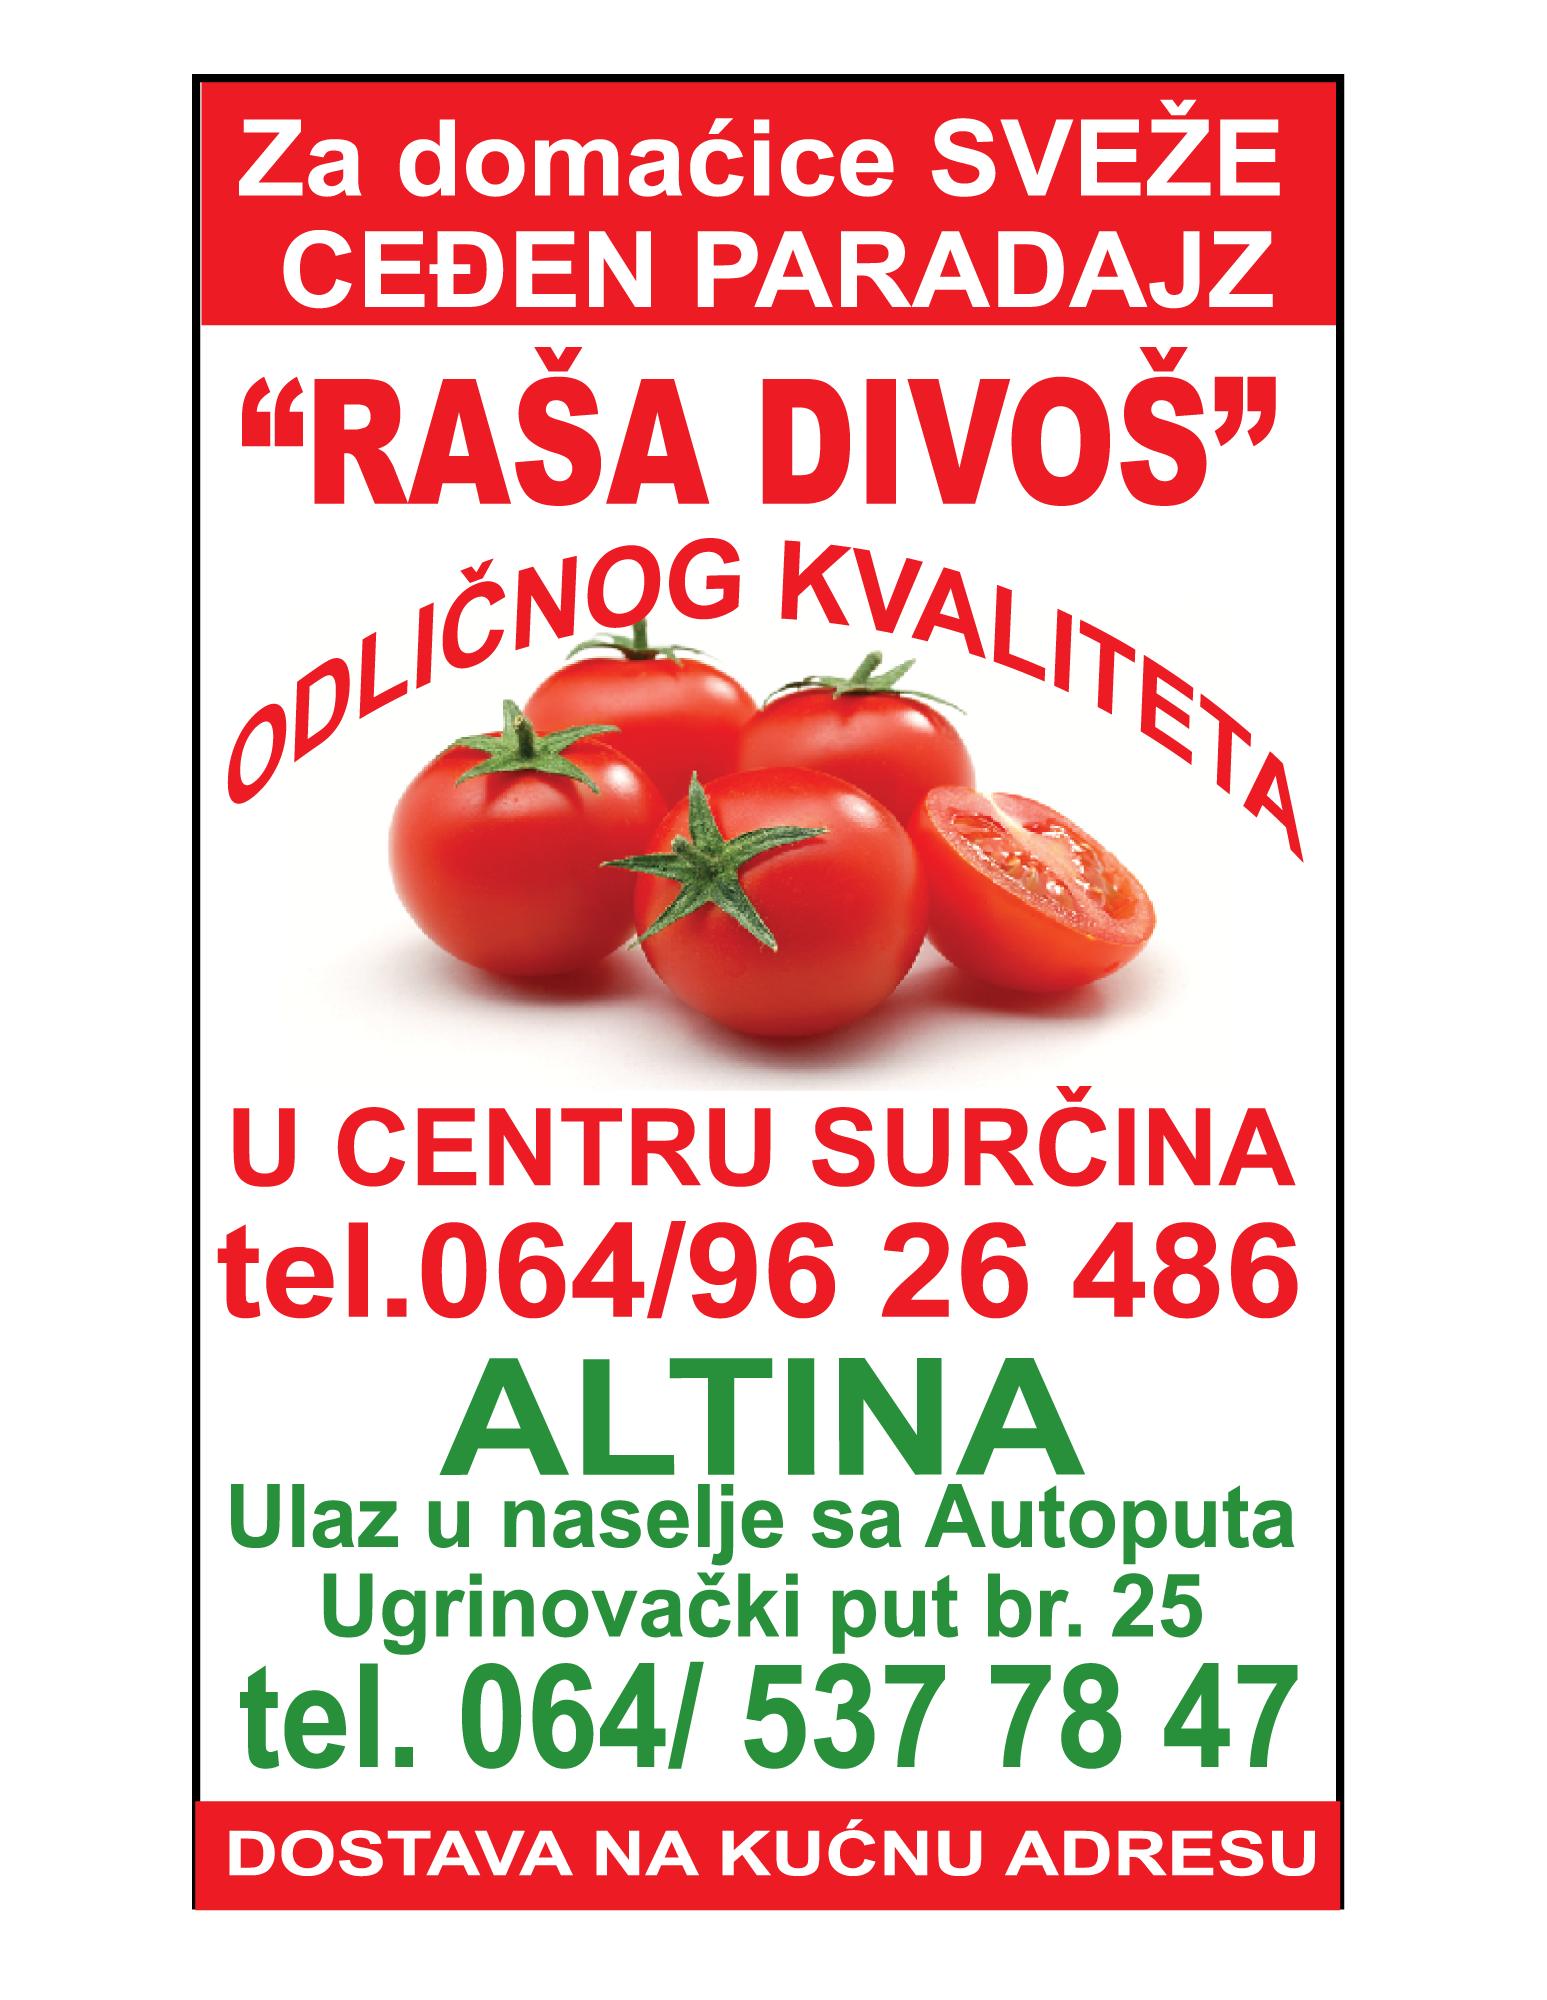 RAŠA-DIVOŠ-paradajz-dostava-sveze-cedjeni-pireparadajz-zimnica-sokzazimnicu-mojabaza